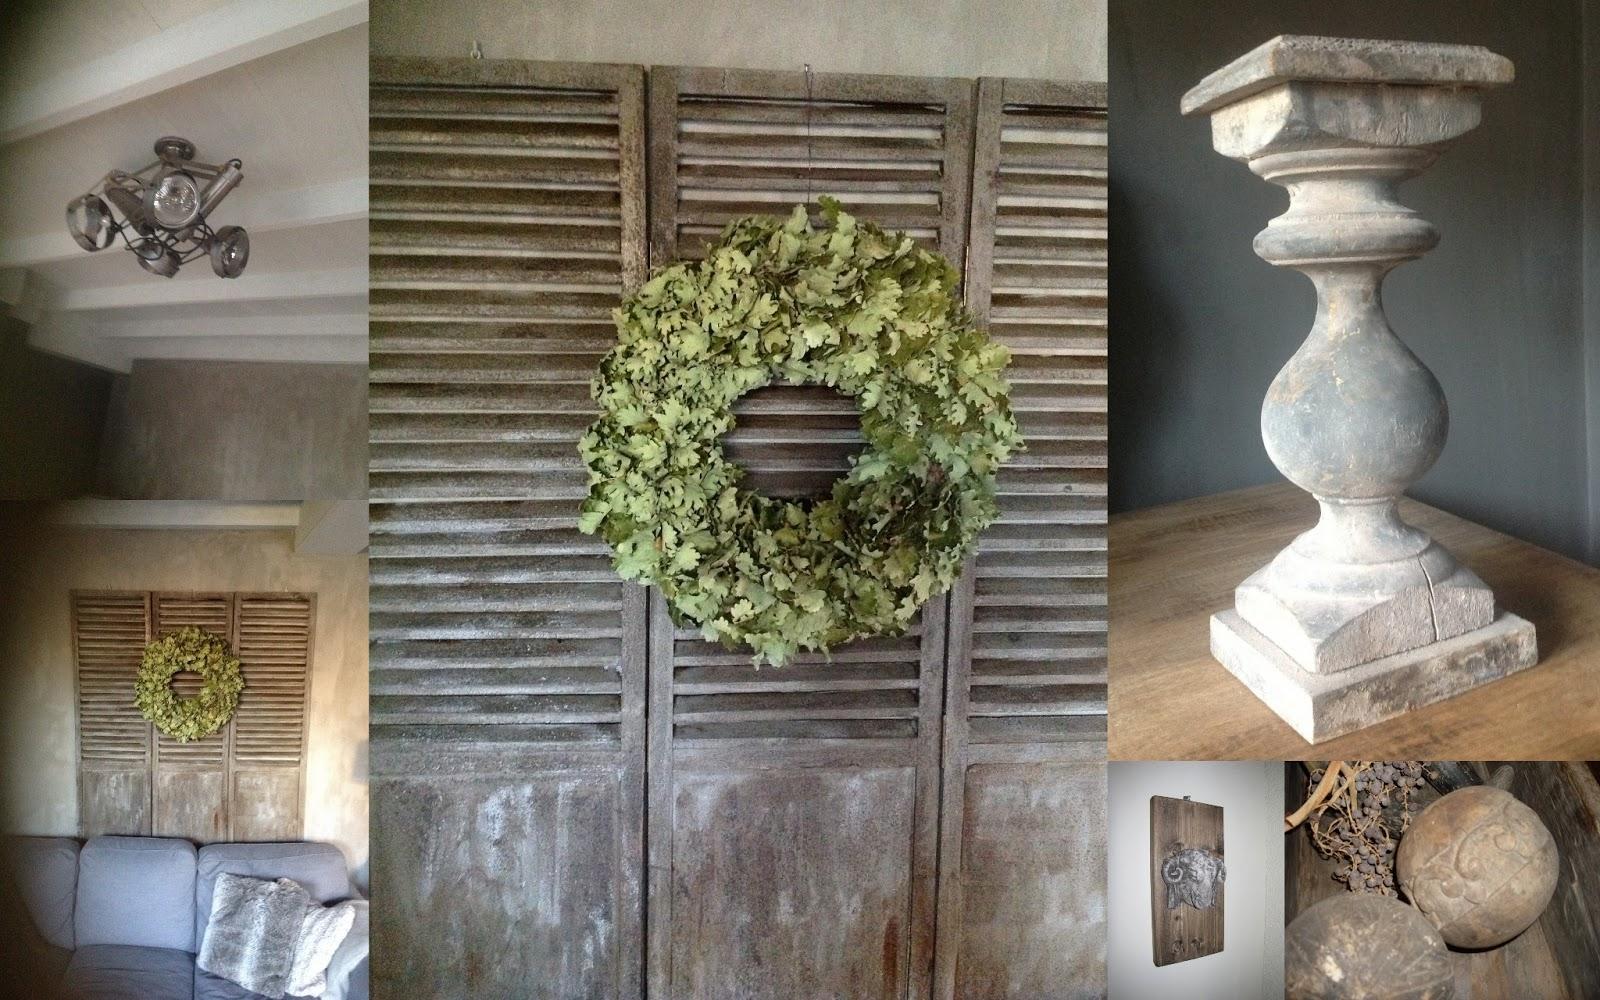 Woonkamer woonkamer opknappen : Impression-Lifestyle: Kalkverf, krijtverf, je ziet door de bomen het ...